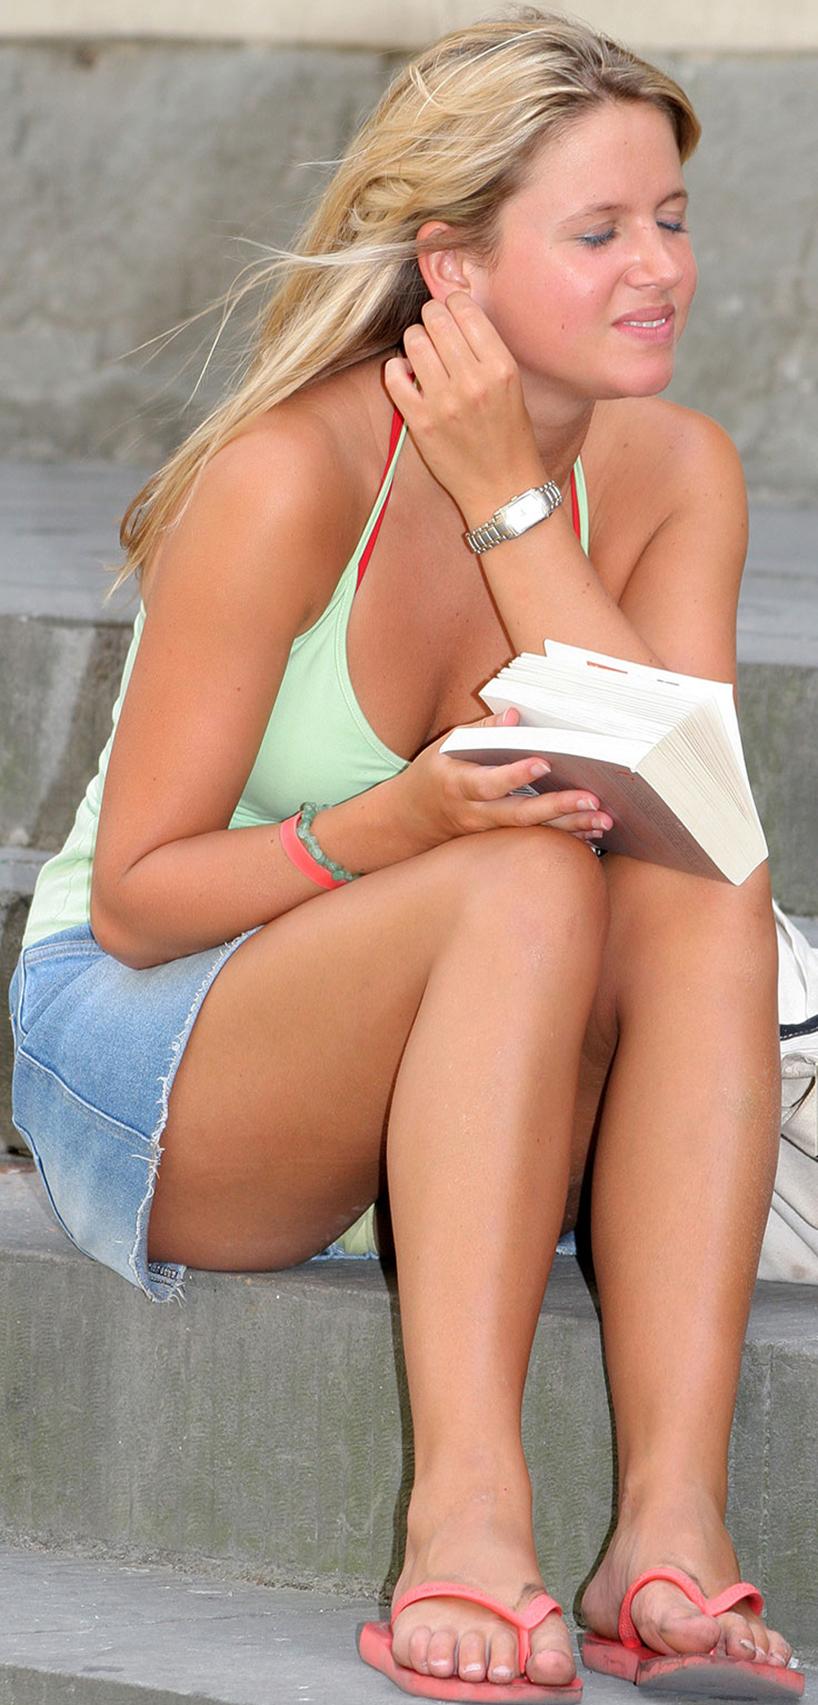 Блондинка в джинсовой мини-юбке засветила белые трусики